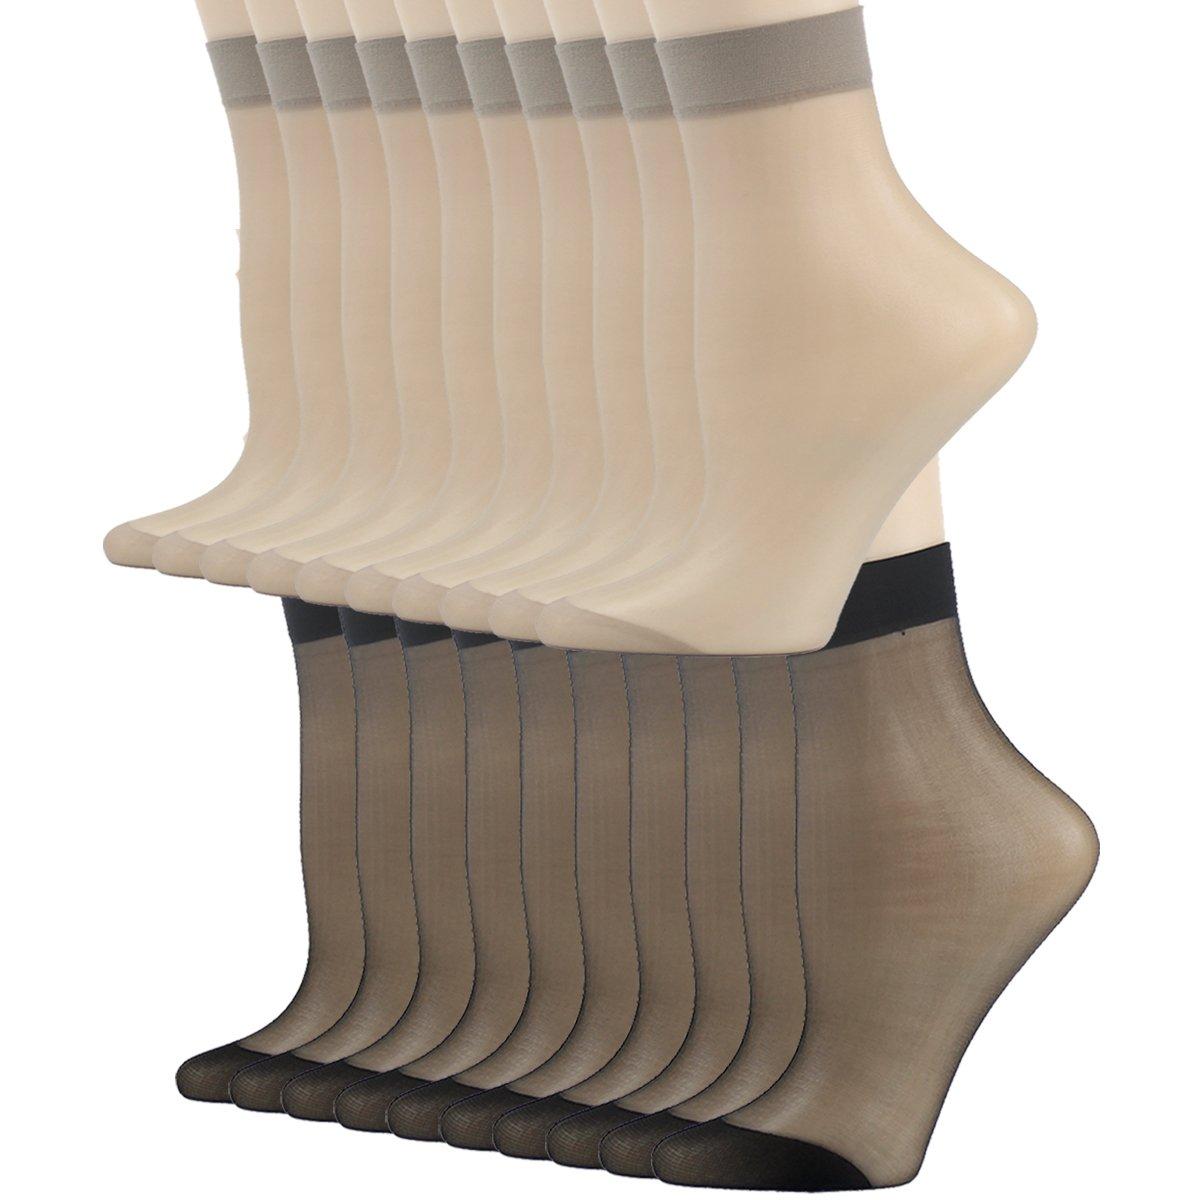 Tight Socks, INCHER Women's Nylon Socks Gift Office Business Ankle High Stockings Ankles For Women Hosiery Silk Short Socks Casual Ankle Sheer Socks 20 Pairs